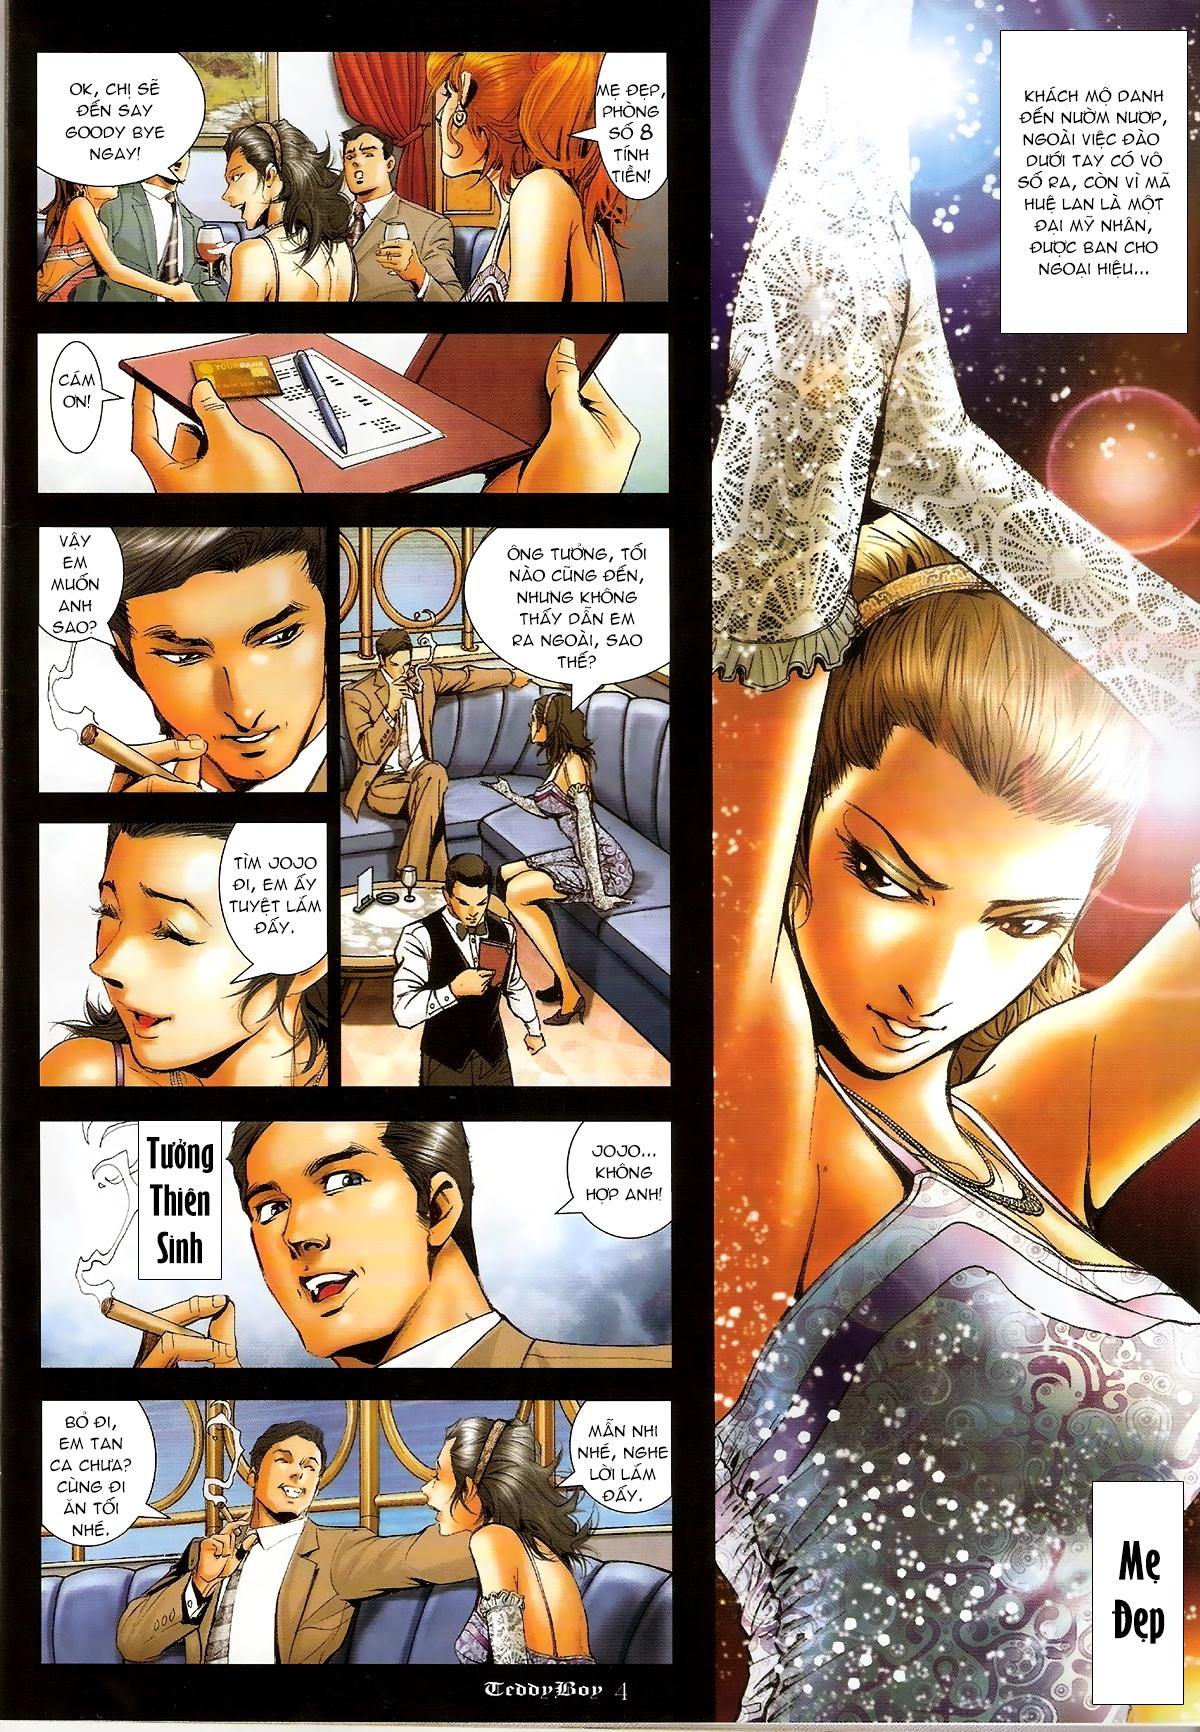 Người Trong Giang Hồ - Chapter 1262: Tưởng Thiên Sinh và Mẹ Đẹp - Pic 3